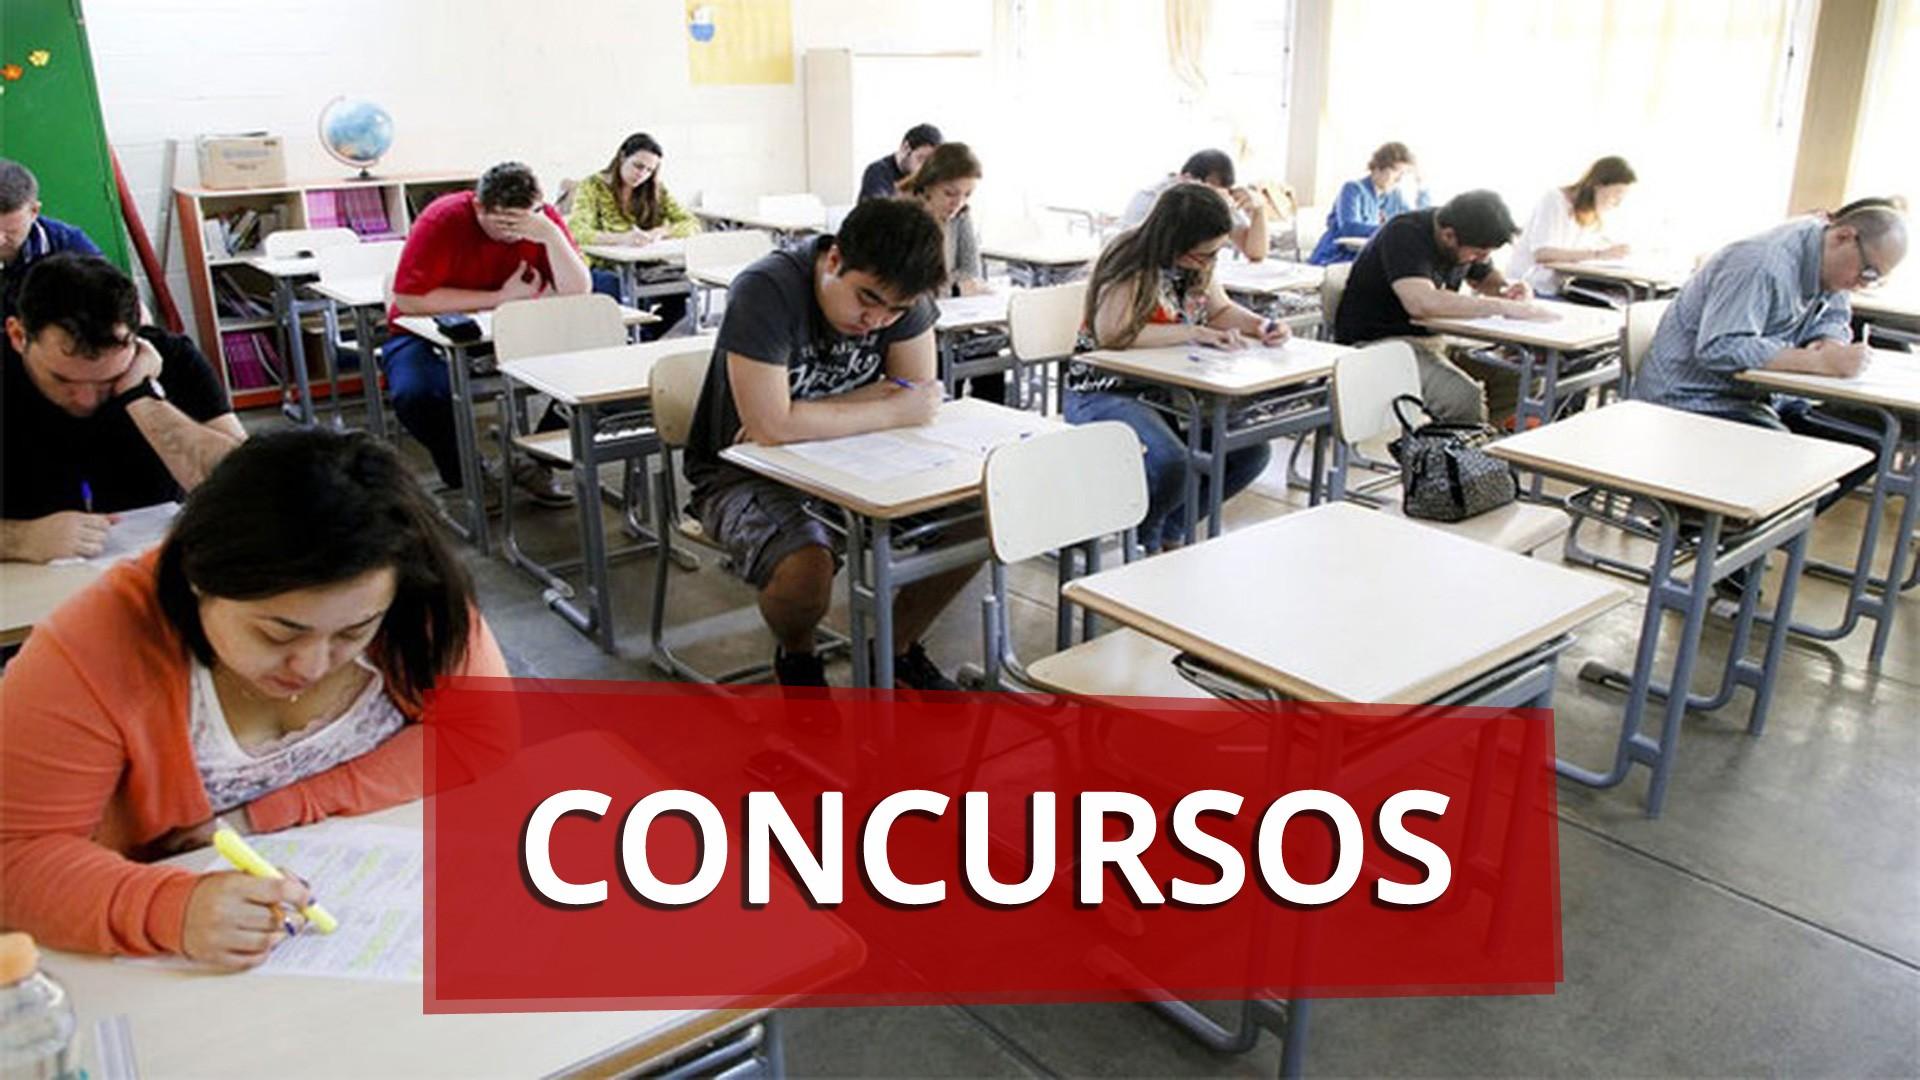 Veja concursos e seleções com editais publicados na Paraíba de 18 a 25 de agosto  - Notícias - Plantão Diário